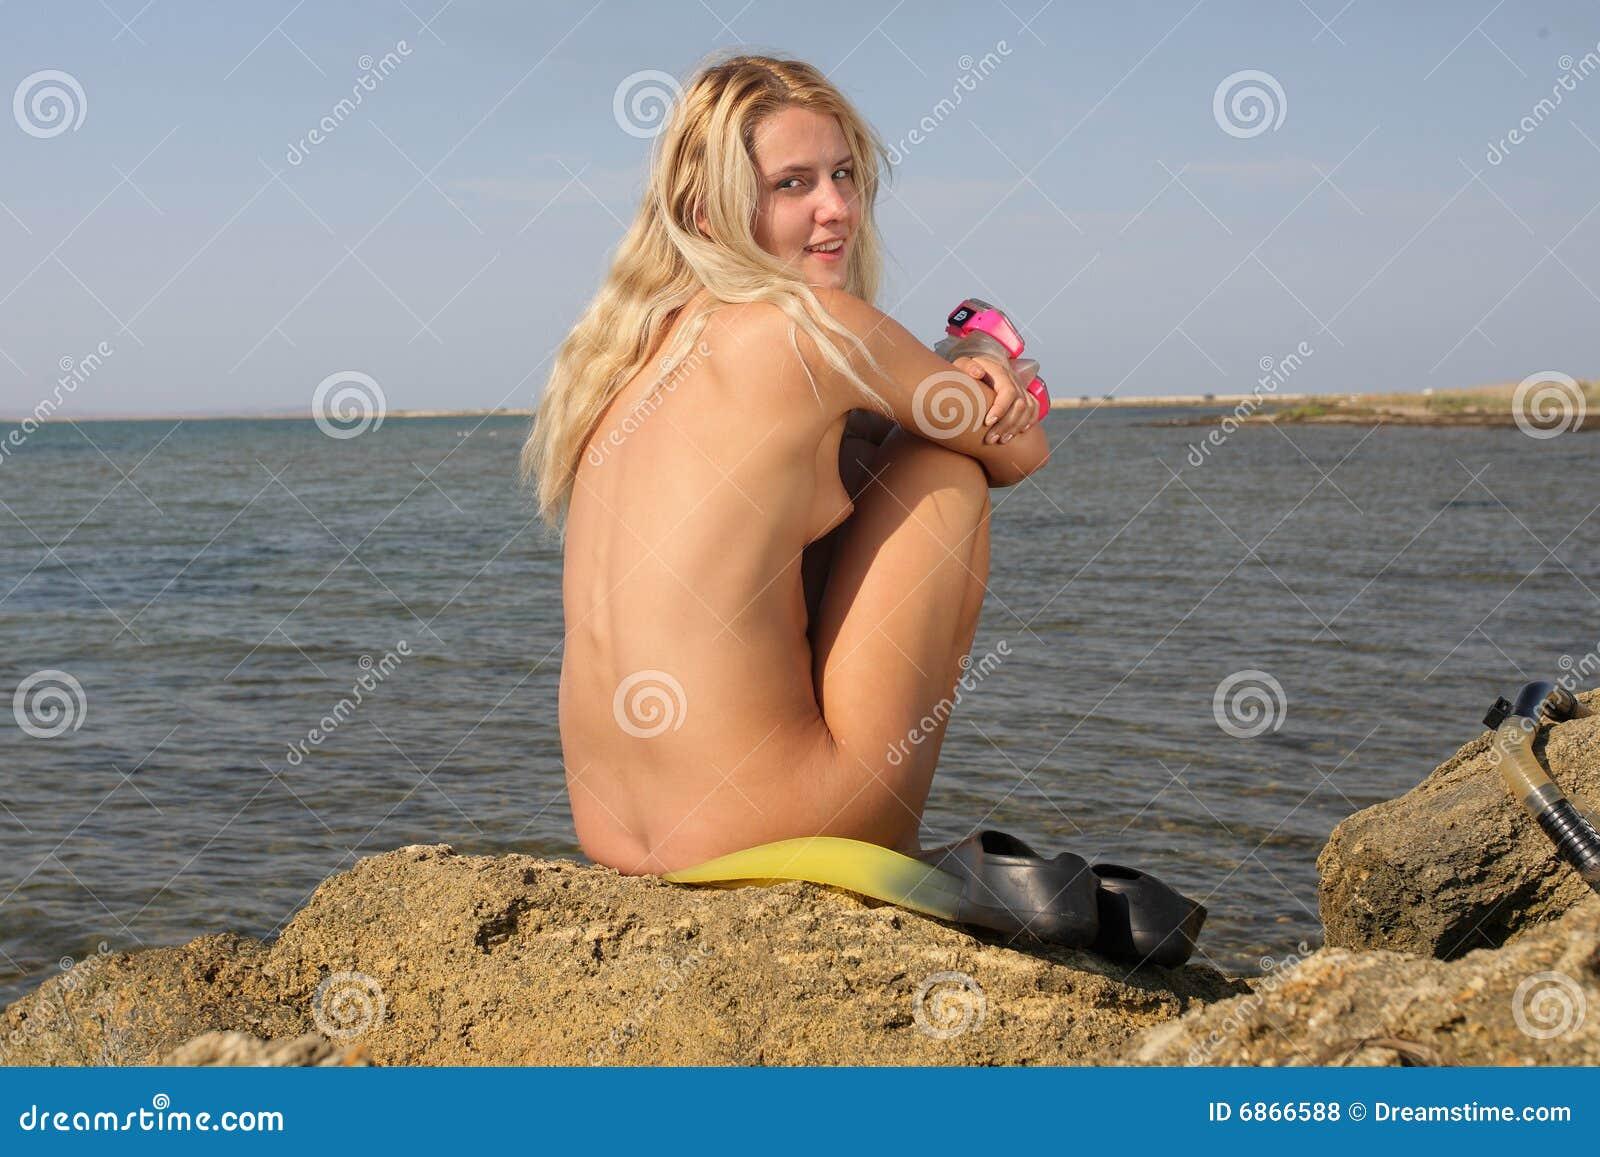 sexy naked brazilian girls pics